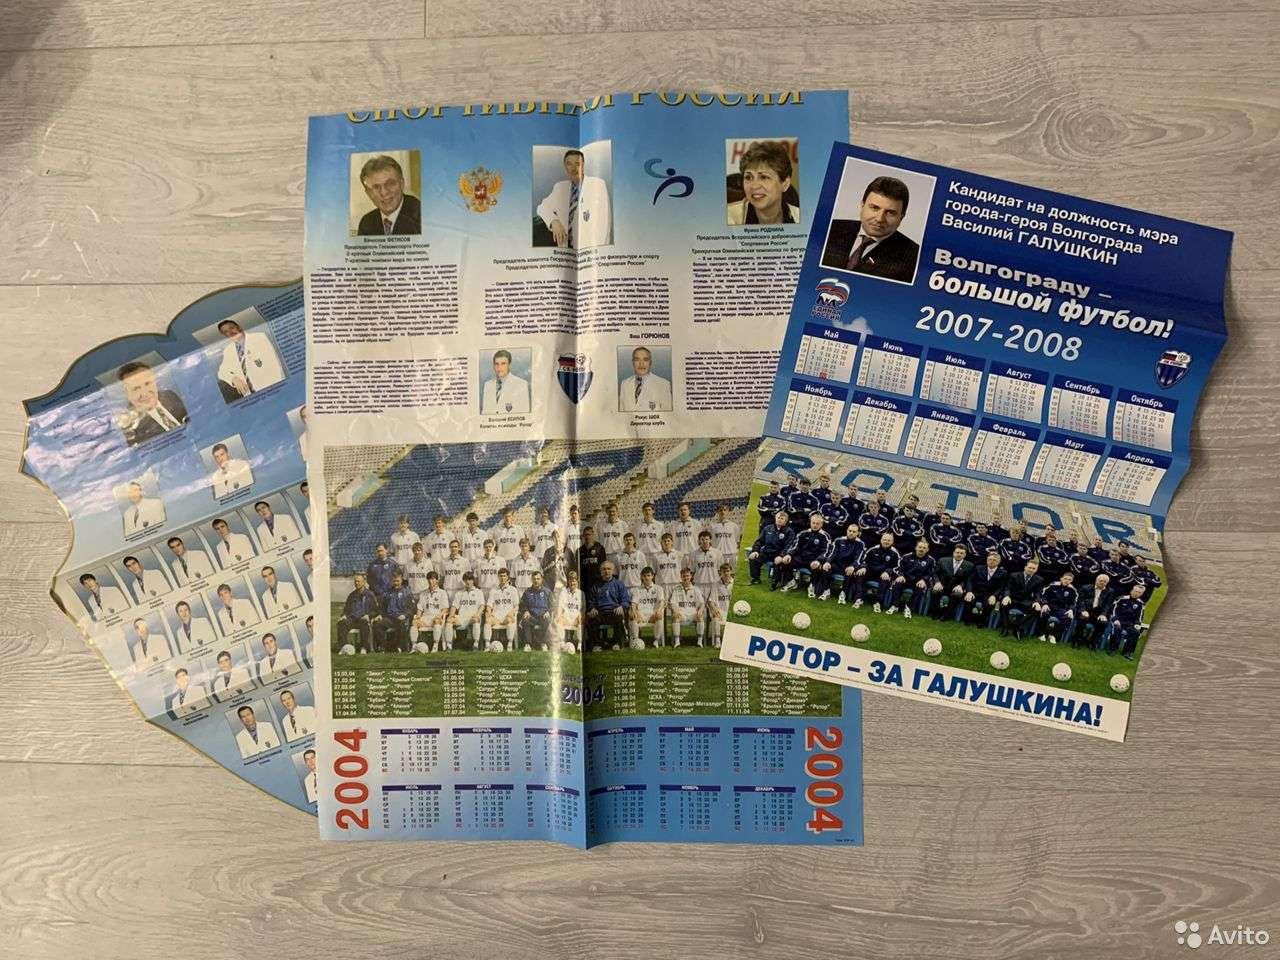 Календари Ротора.jpg